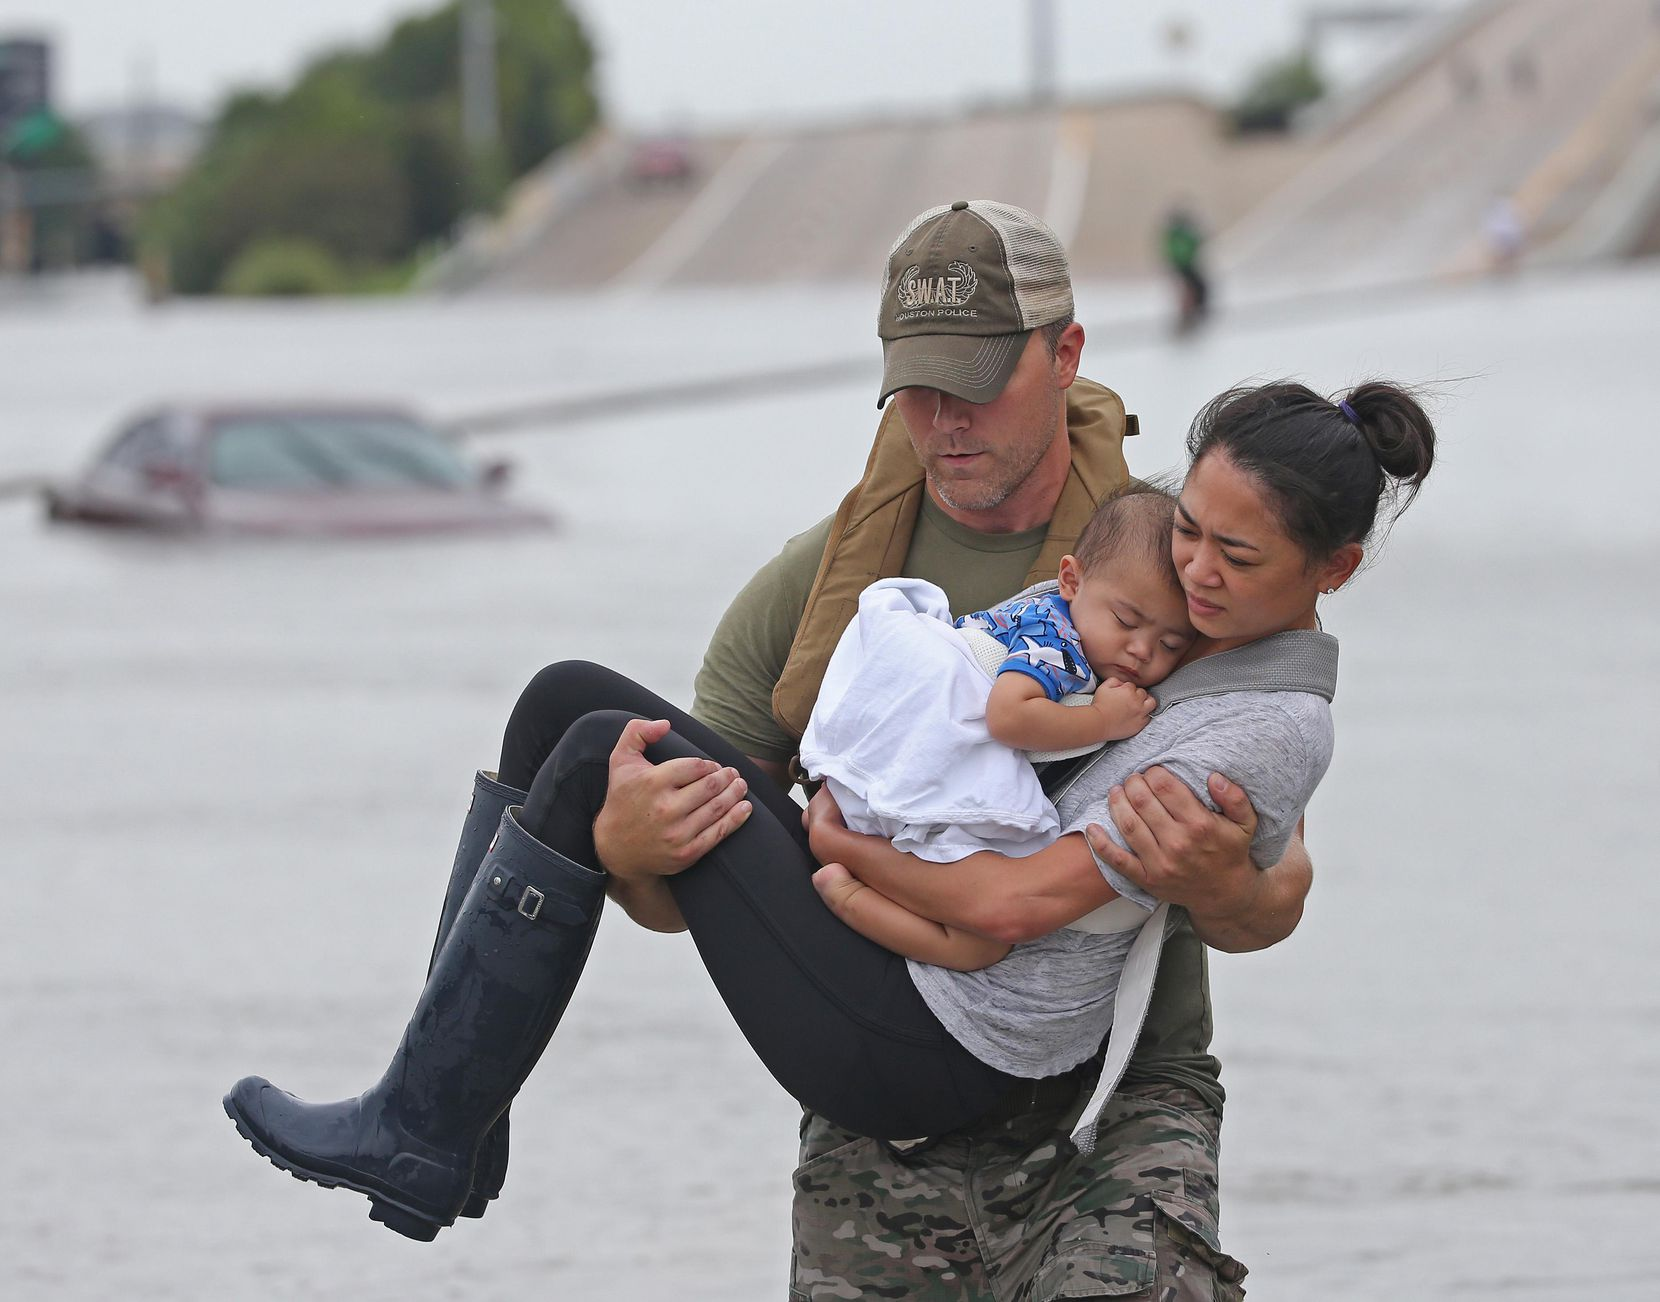 Daryl Hudeck, oficial de SWAT, rescata a Catherine Pham y su bebé de 13 meses. Esta imagen se reprodujo en todo el mundo y se convirtió en símbolo de los rescates durante el huracán Harvey. LOUIS DeLUCA/DMN